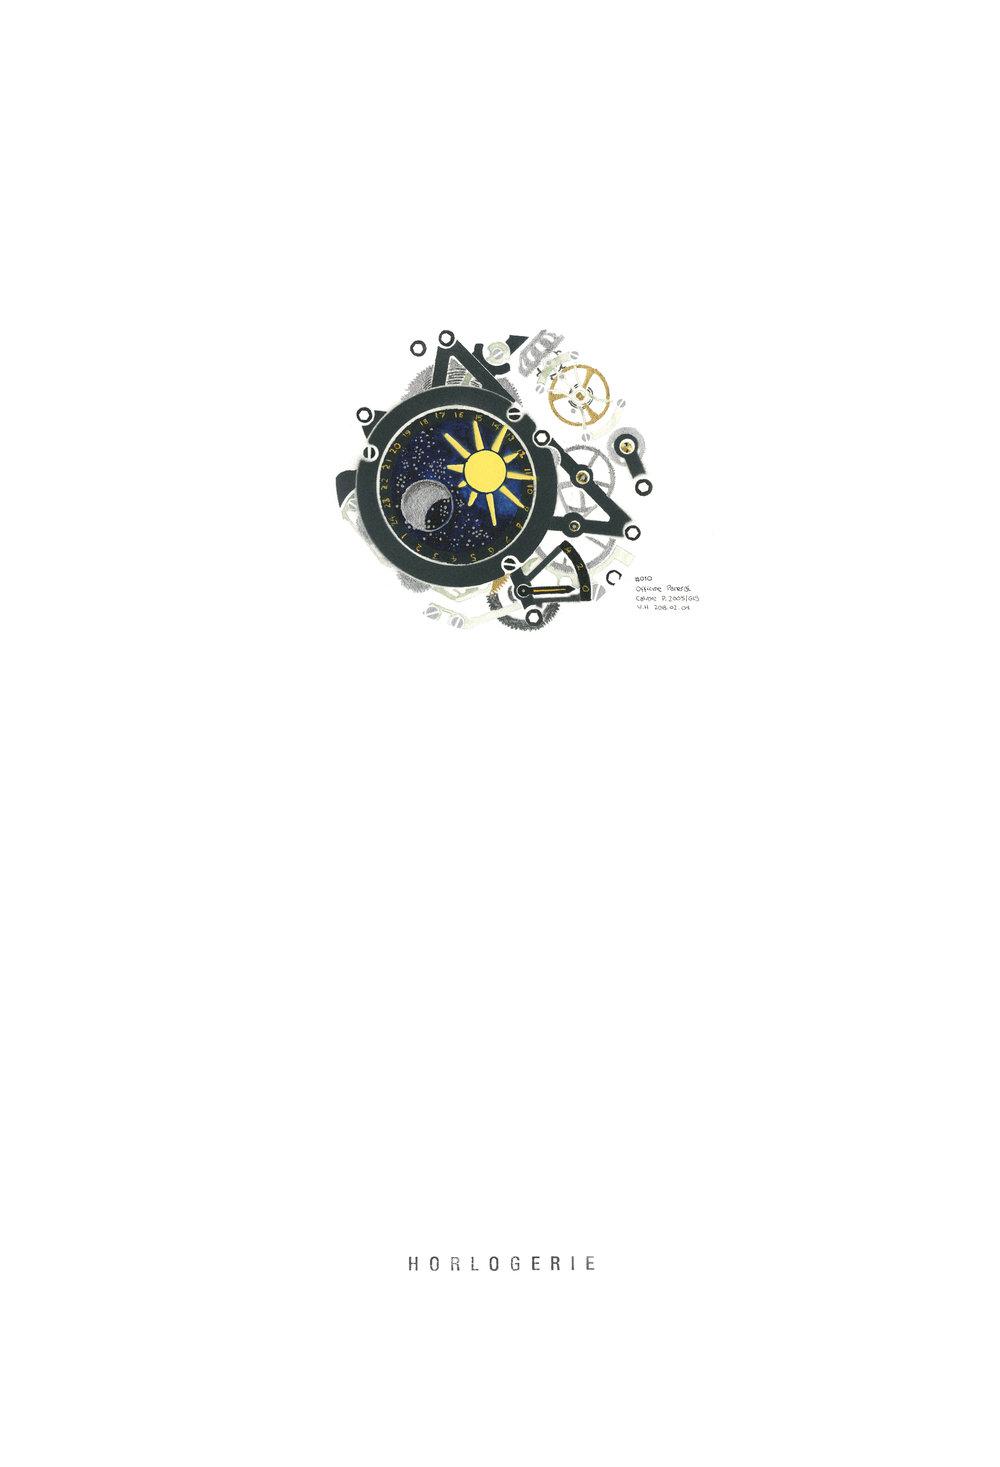 Horlogerie_010.jpg